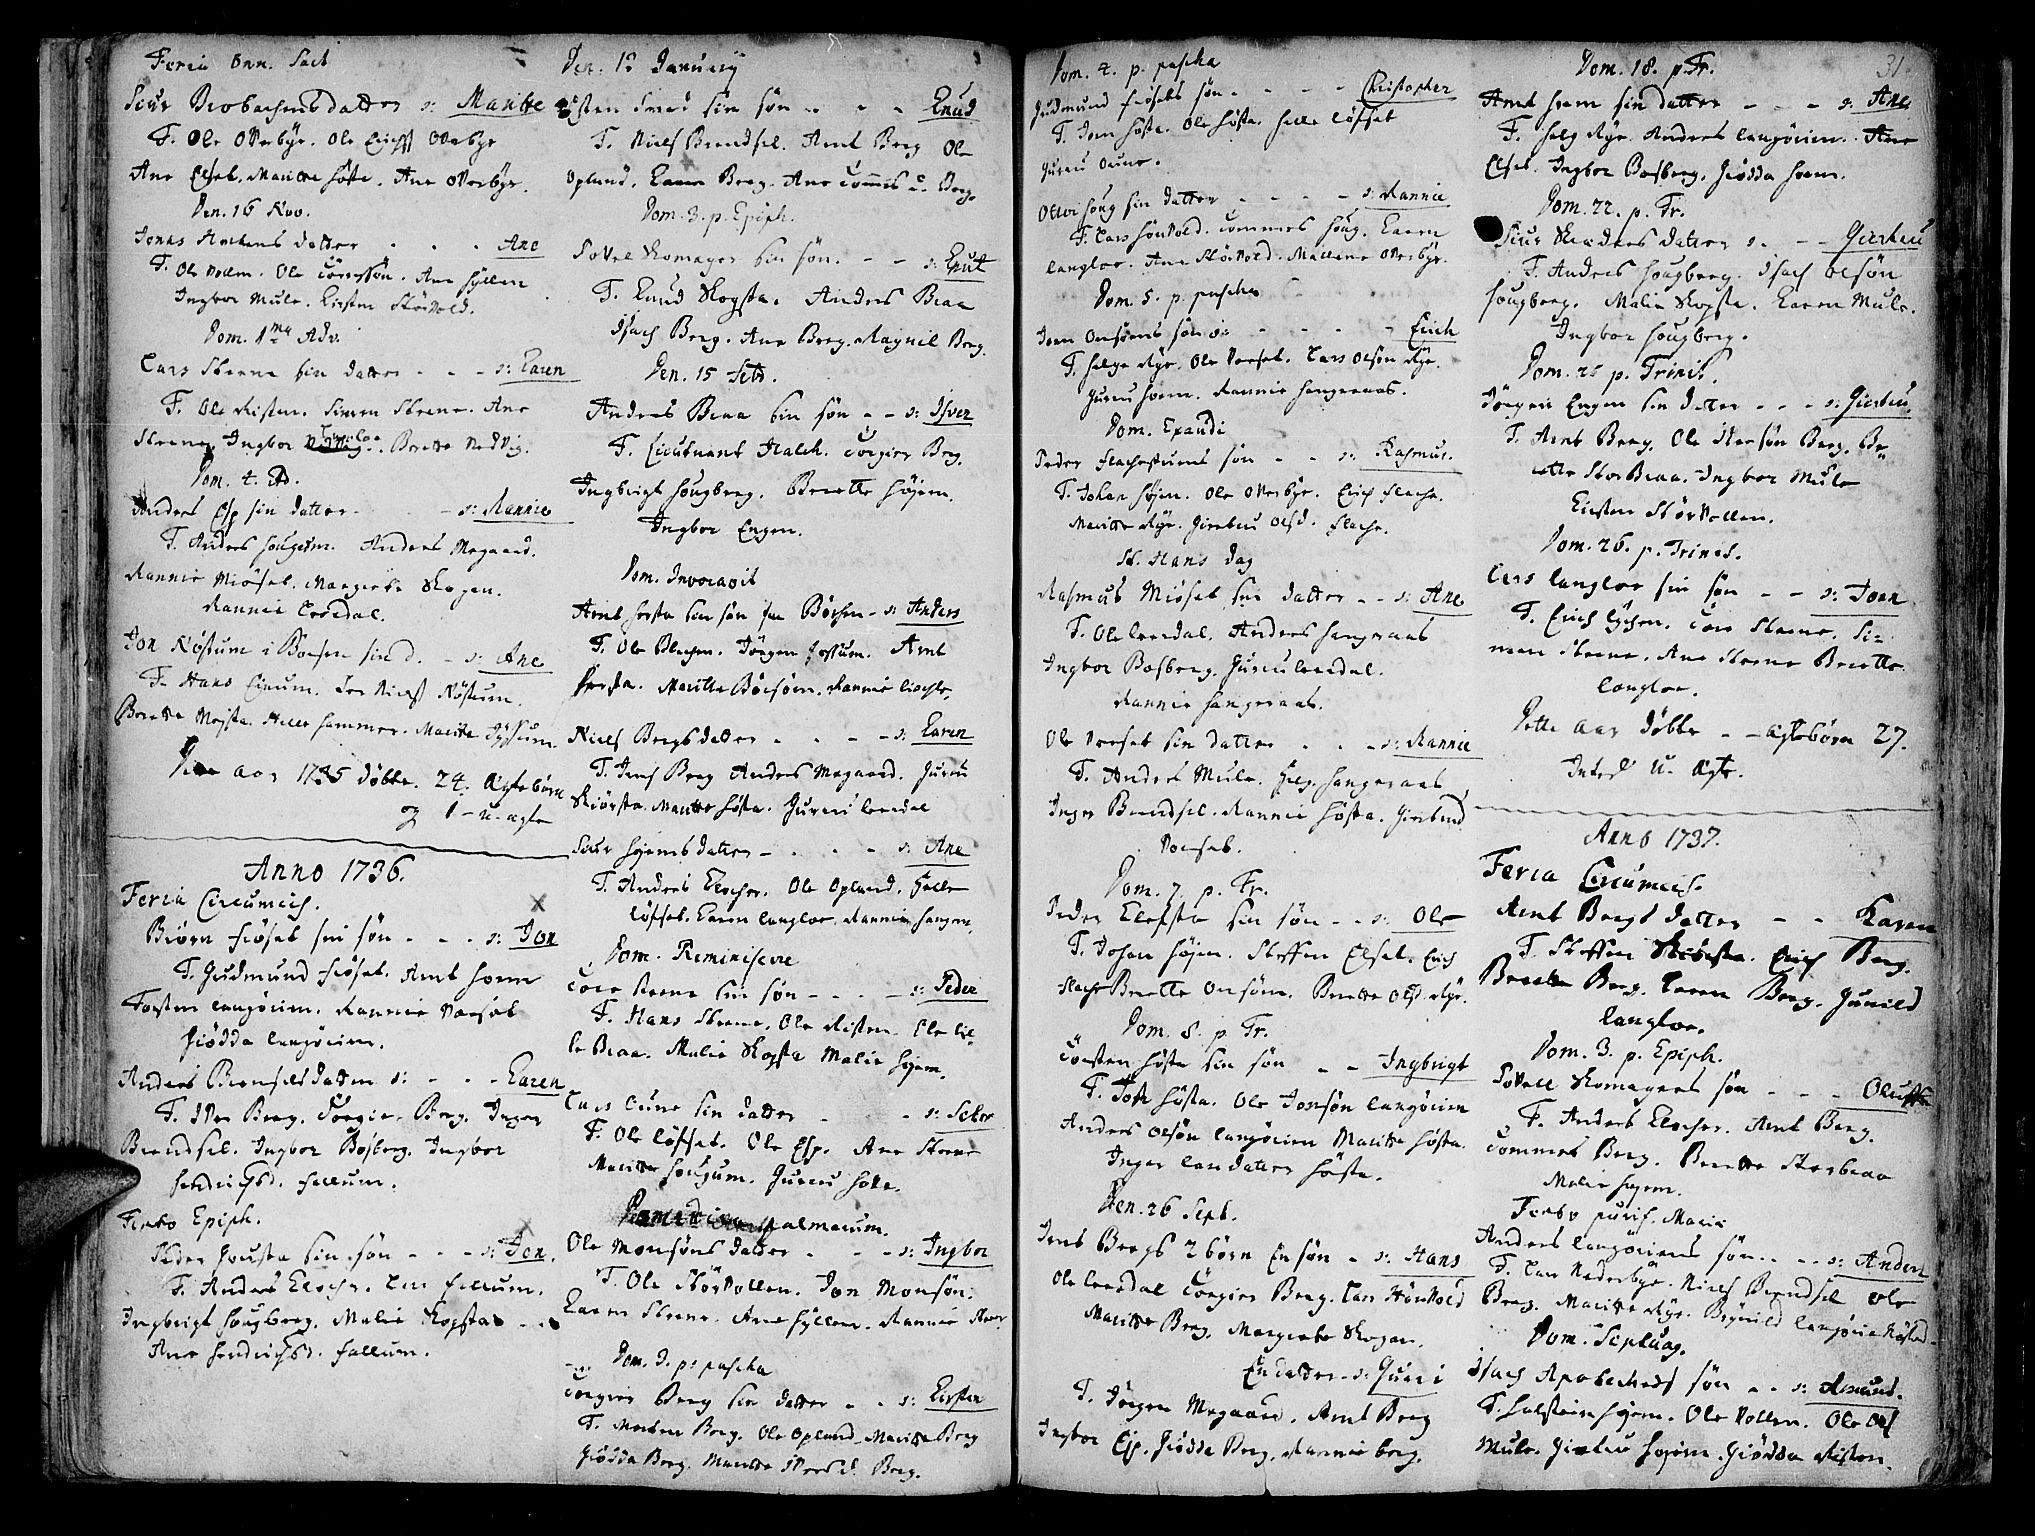 SAT, Ministerialprotokoller, klokkerbøker og fødselsregistre - Sør-Trøndelag, 612/L0368: Ministerialbok nr. 612A02, 1702-1753, s. 31